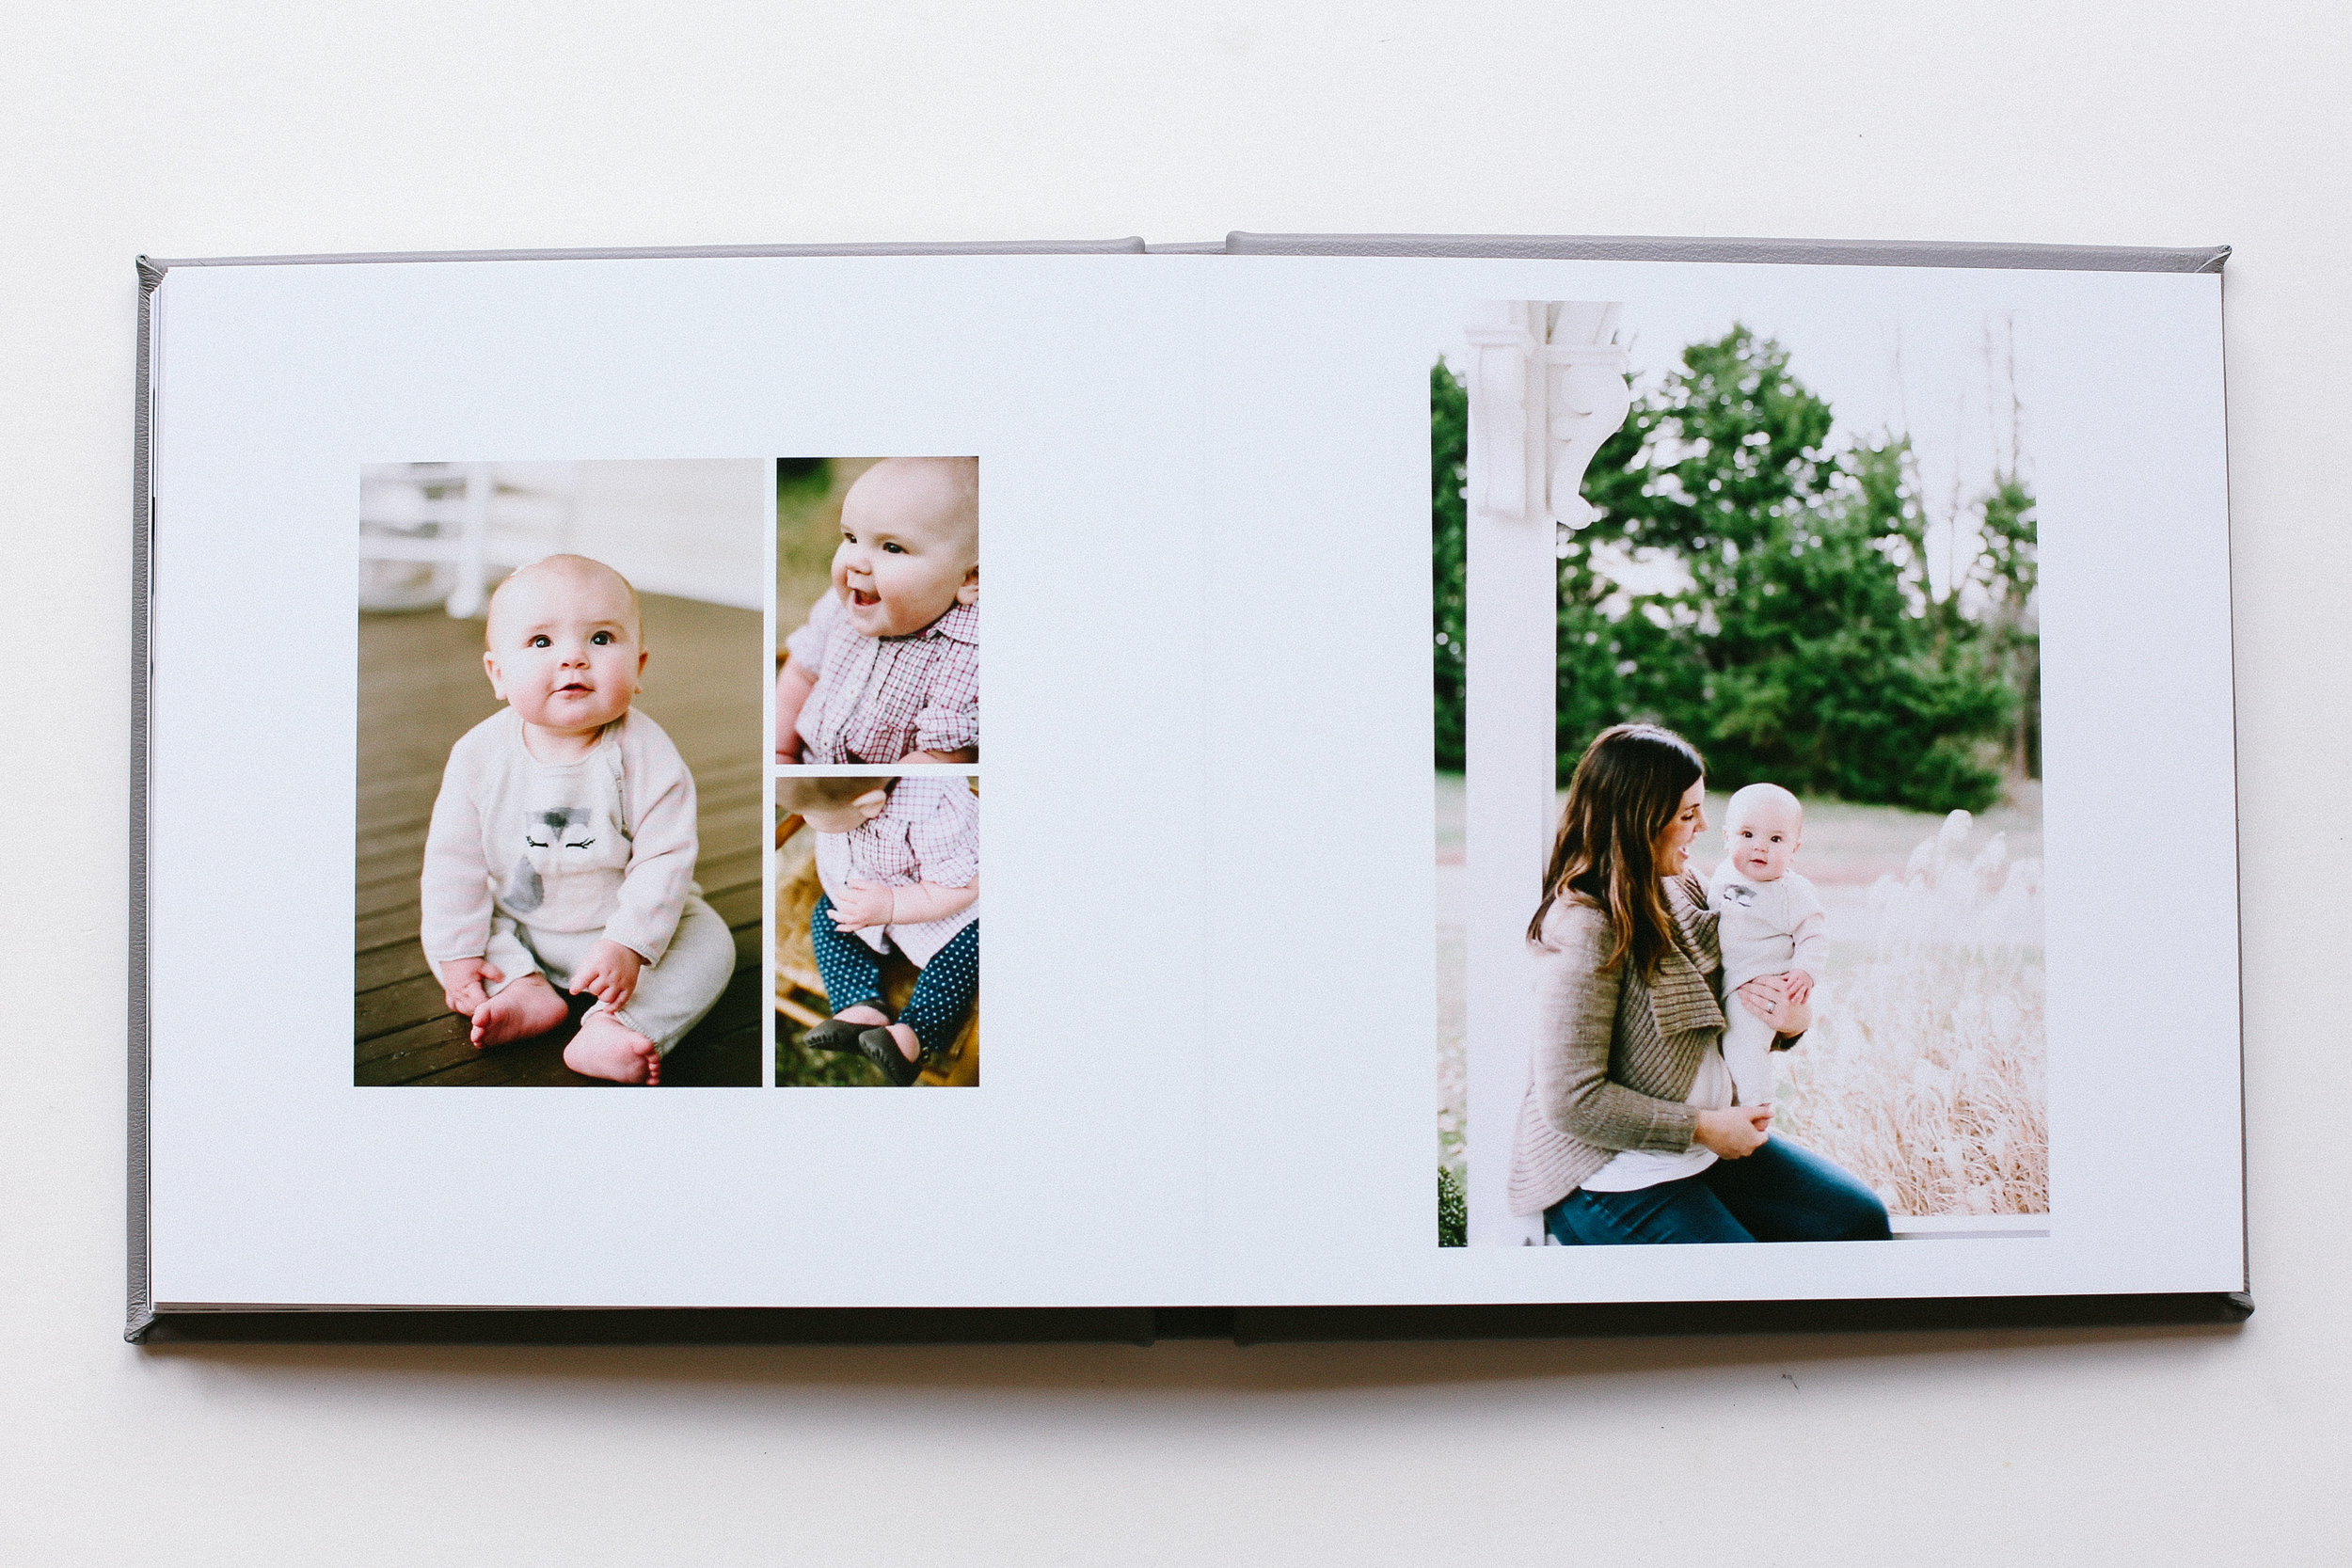 nashville baby photographers